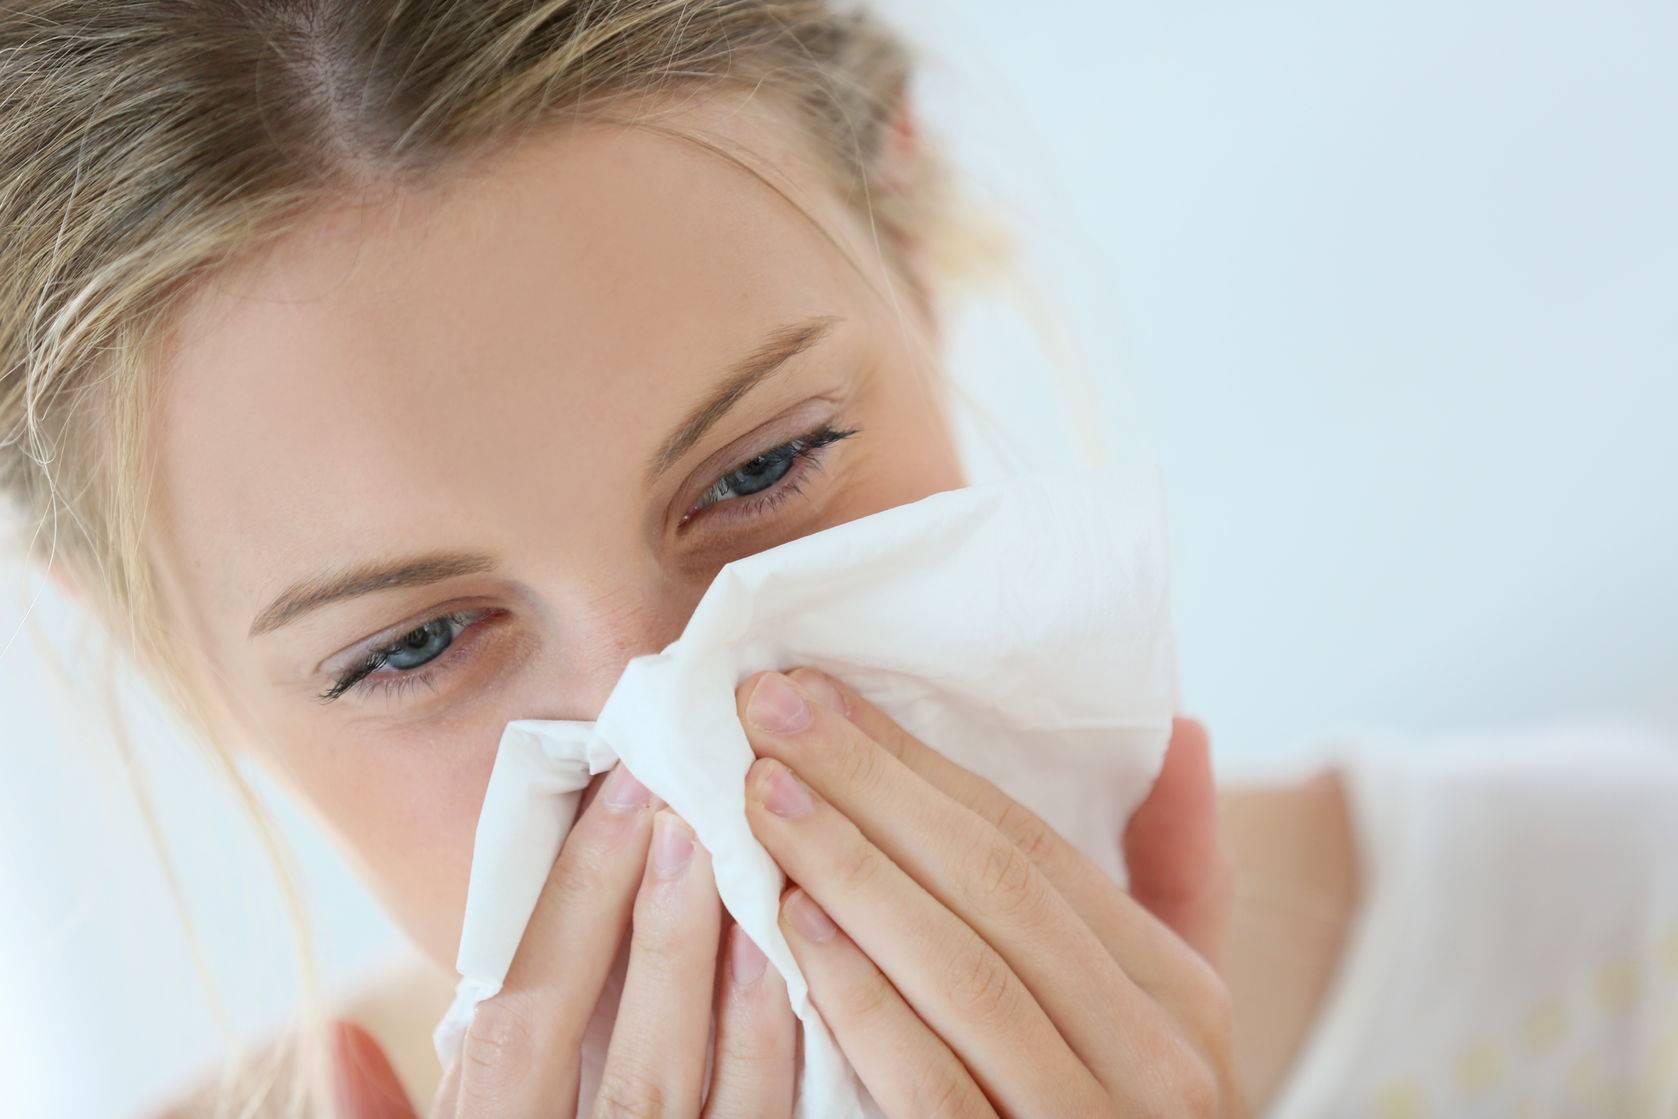 frequent nosebleeds